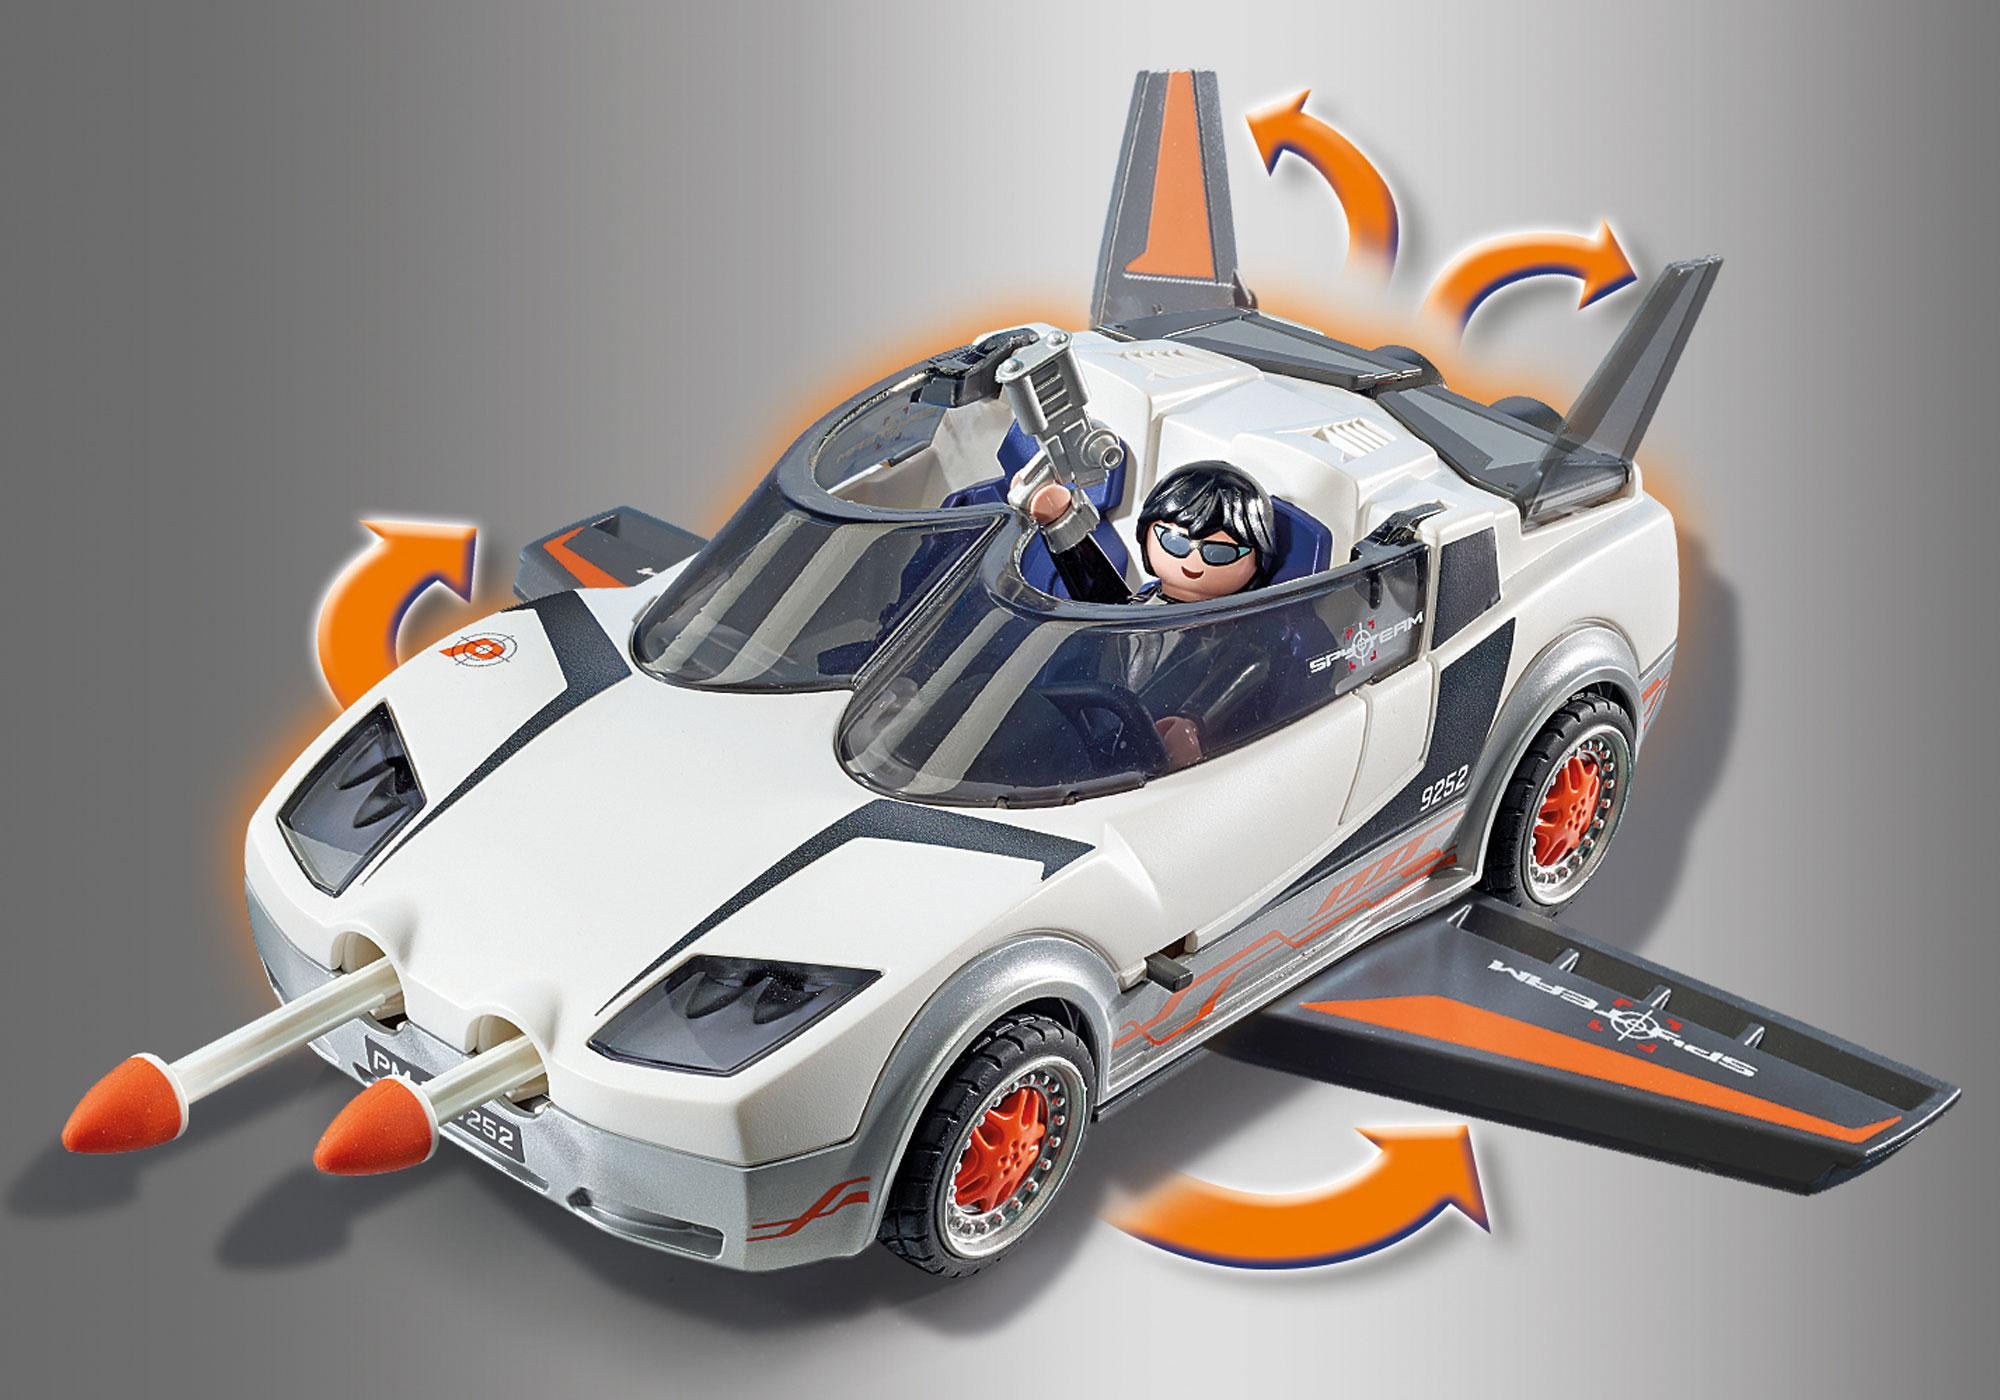 http://media.playmobil.com/i/playmobil/9252_product_extra2/Agent P. i racer